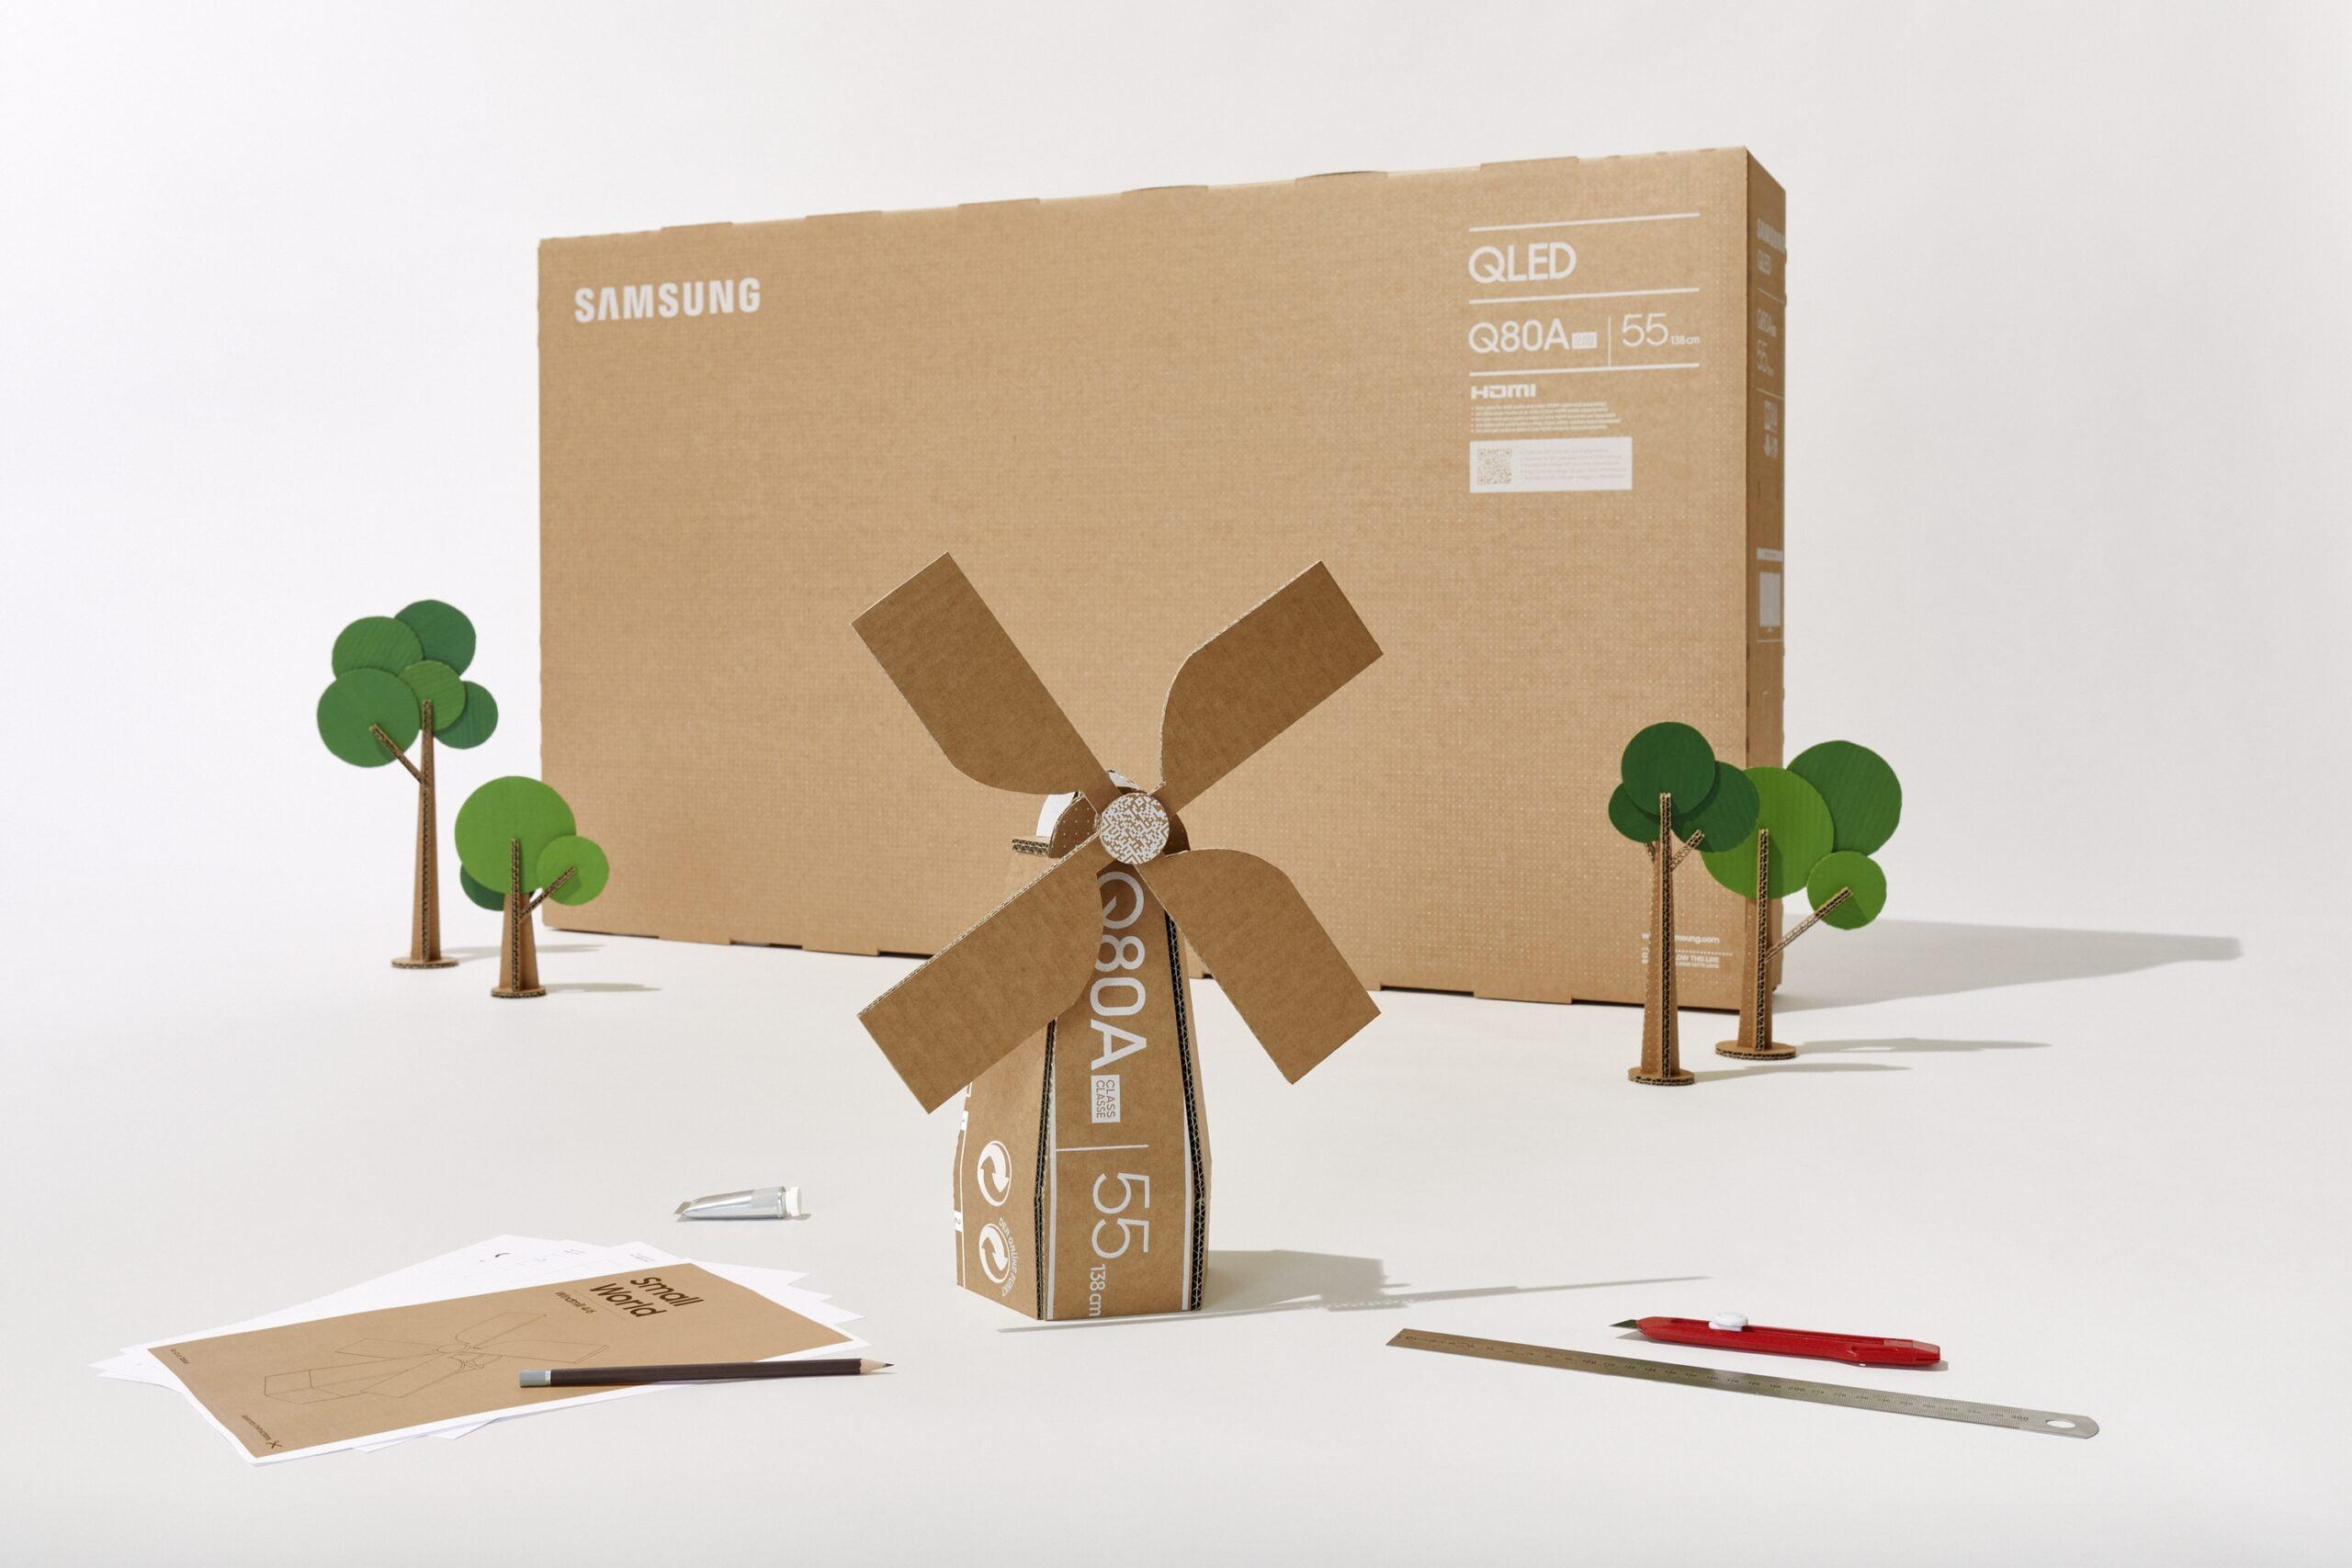 Samsung Small World: Reimagine a better planet